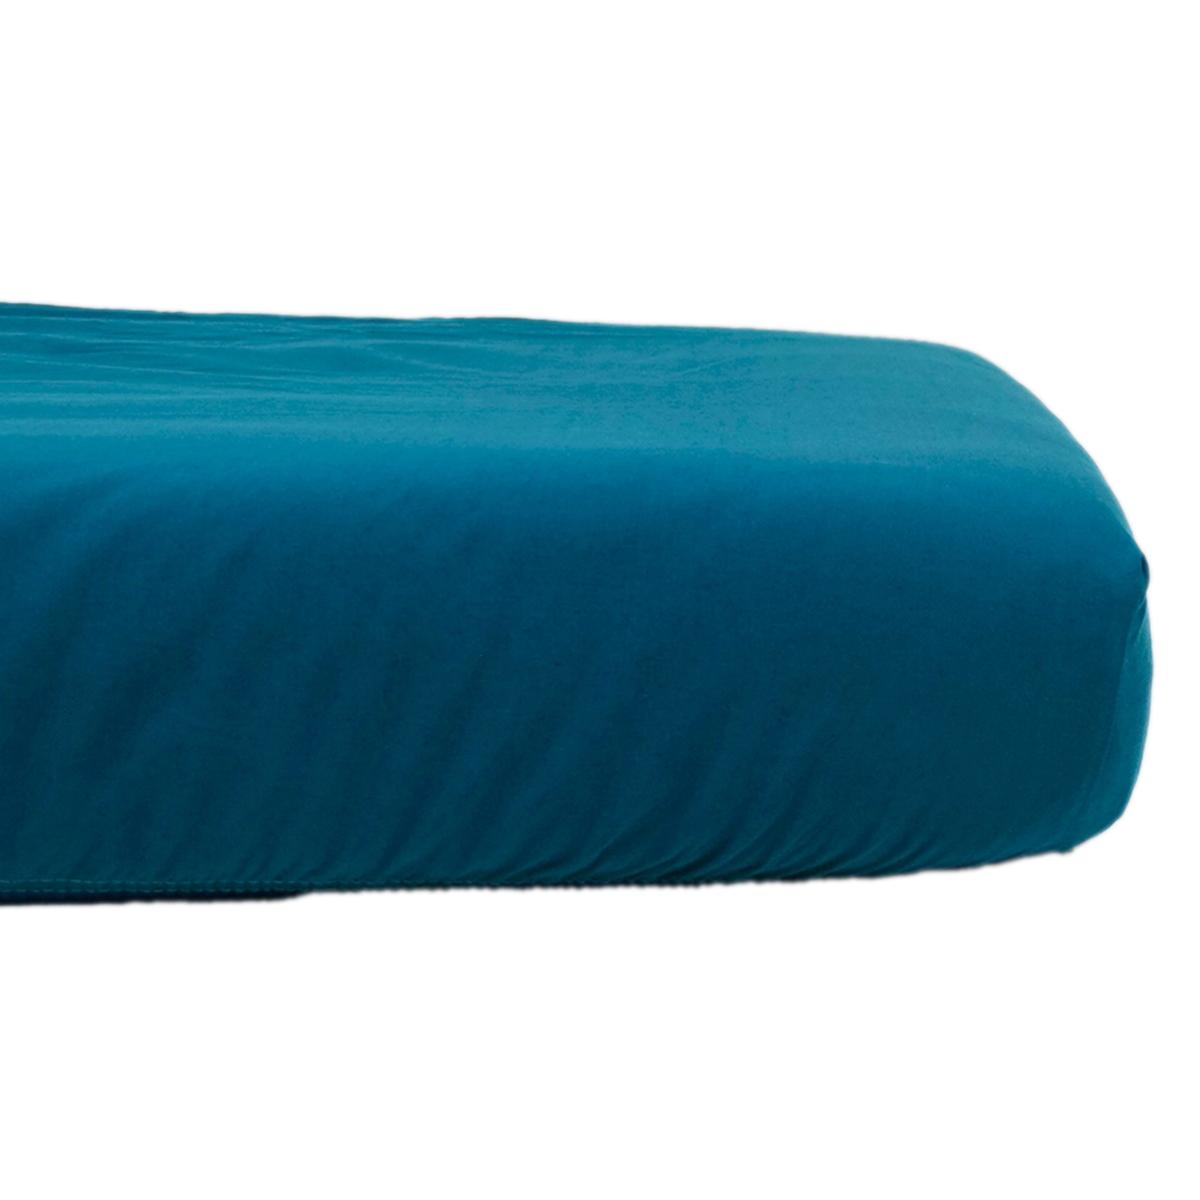 Linge de lit Drap Housse Tencel Active Clim Bleu Nuit - 60 x 120 cm Drap Housse Tencel Active Clim Bleu Nuit - 60 x 120 cm